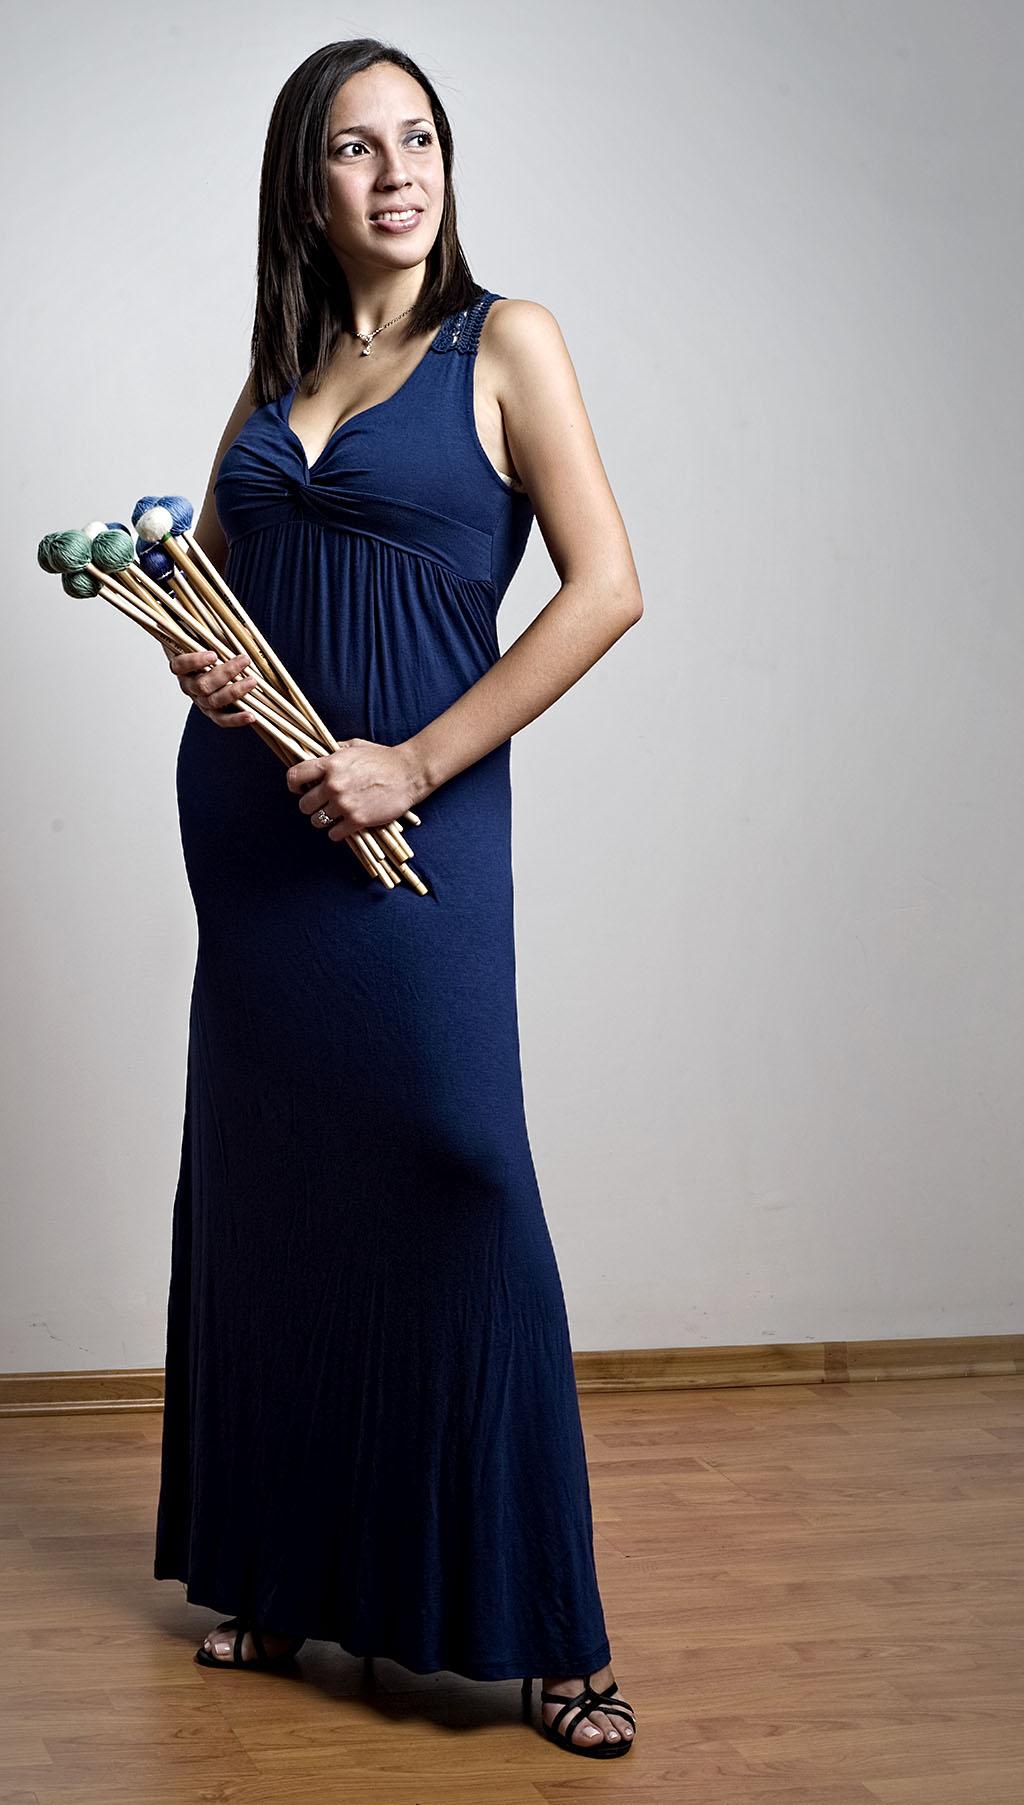 María Eugenia Vásquez